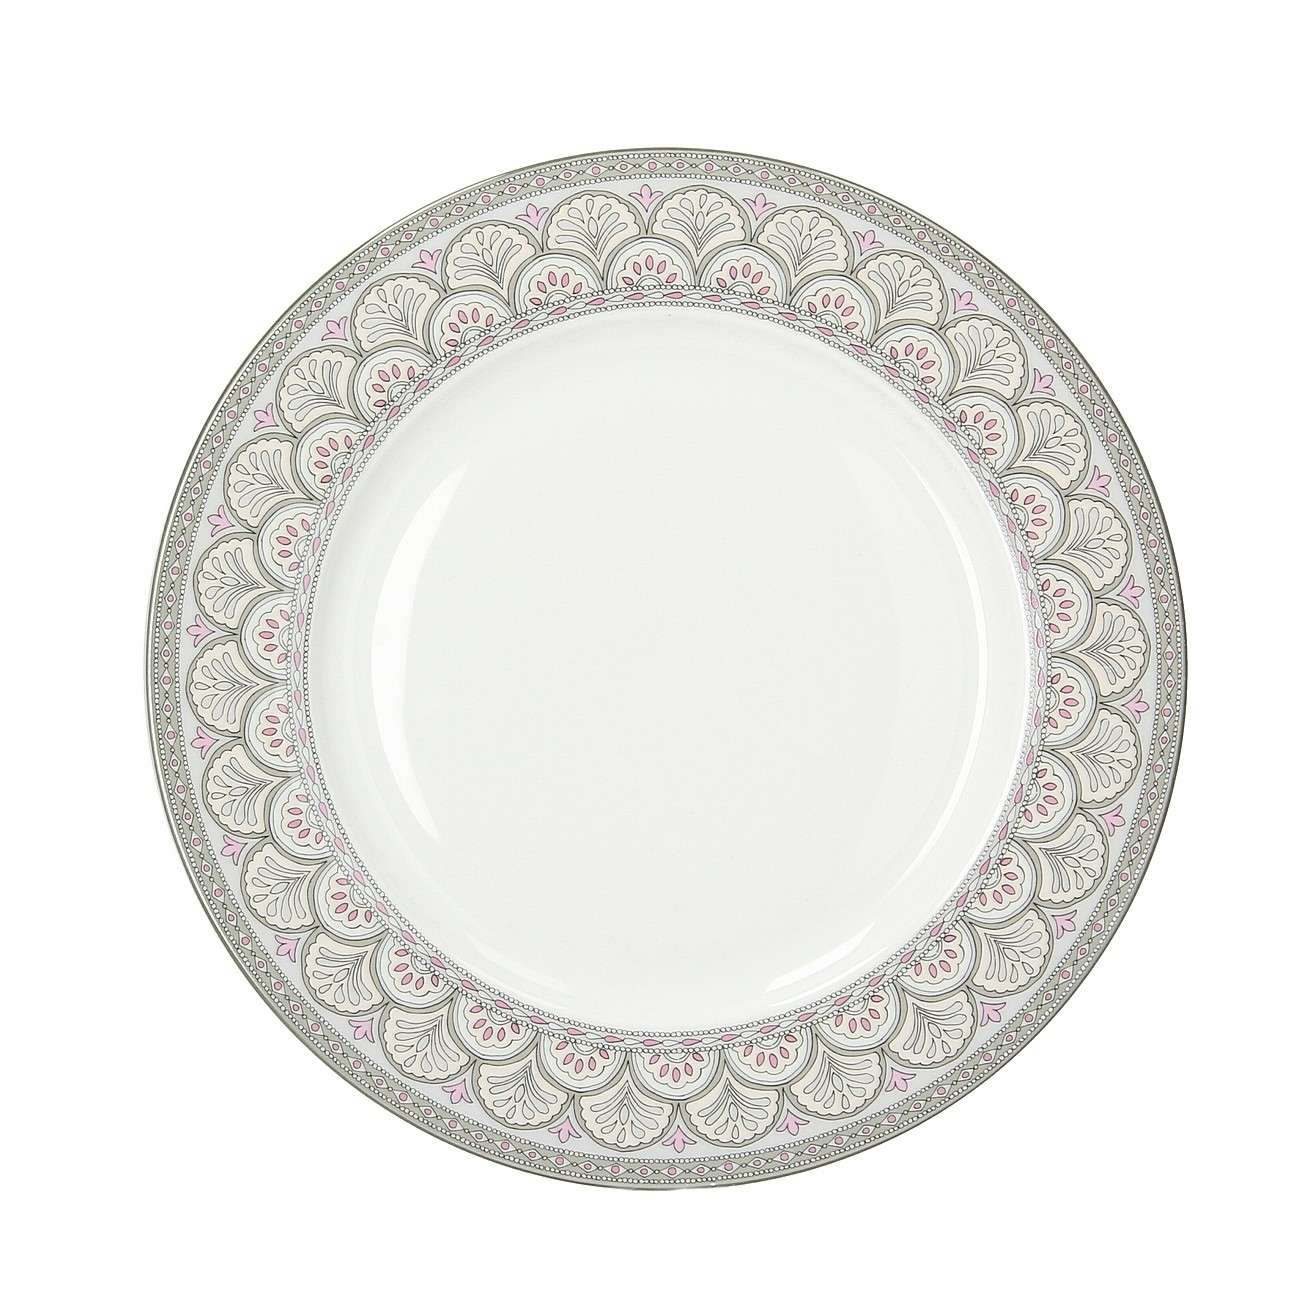 Obědový talíř Romantic průměr 27 cm